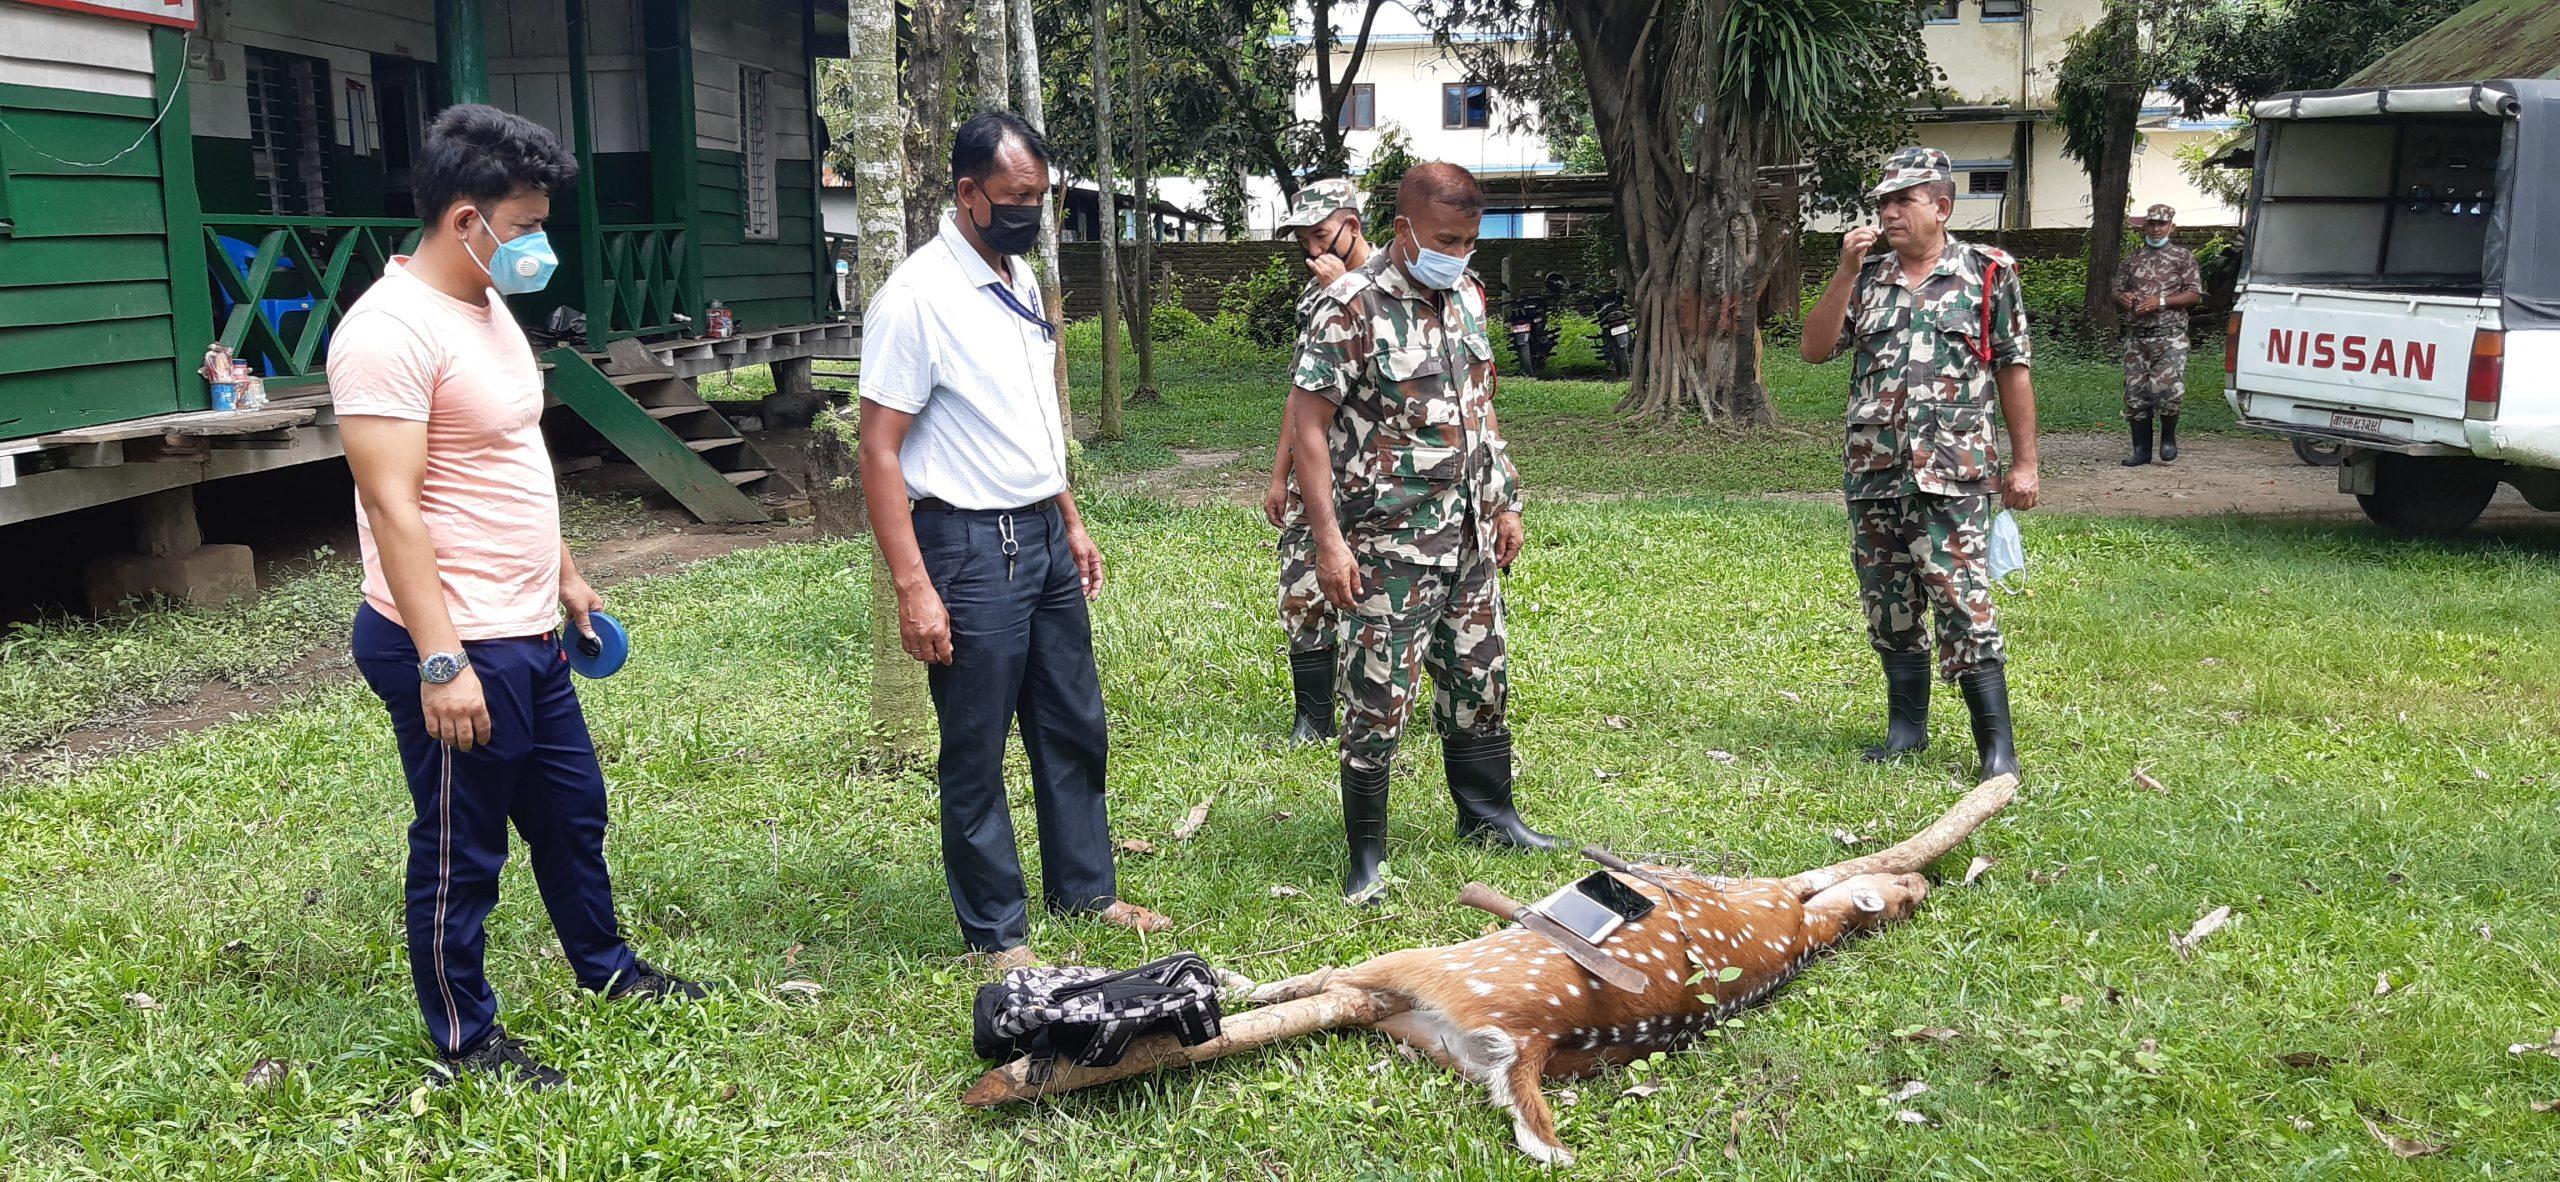 कानेपोखरी–पथरी क्षेत्रको वनजंगलमा वन्यजन्तु चोरी शिकारी बढ्दै